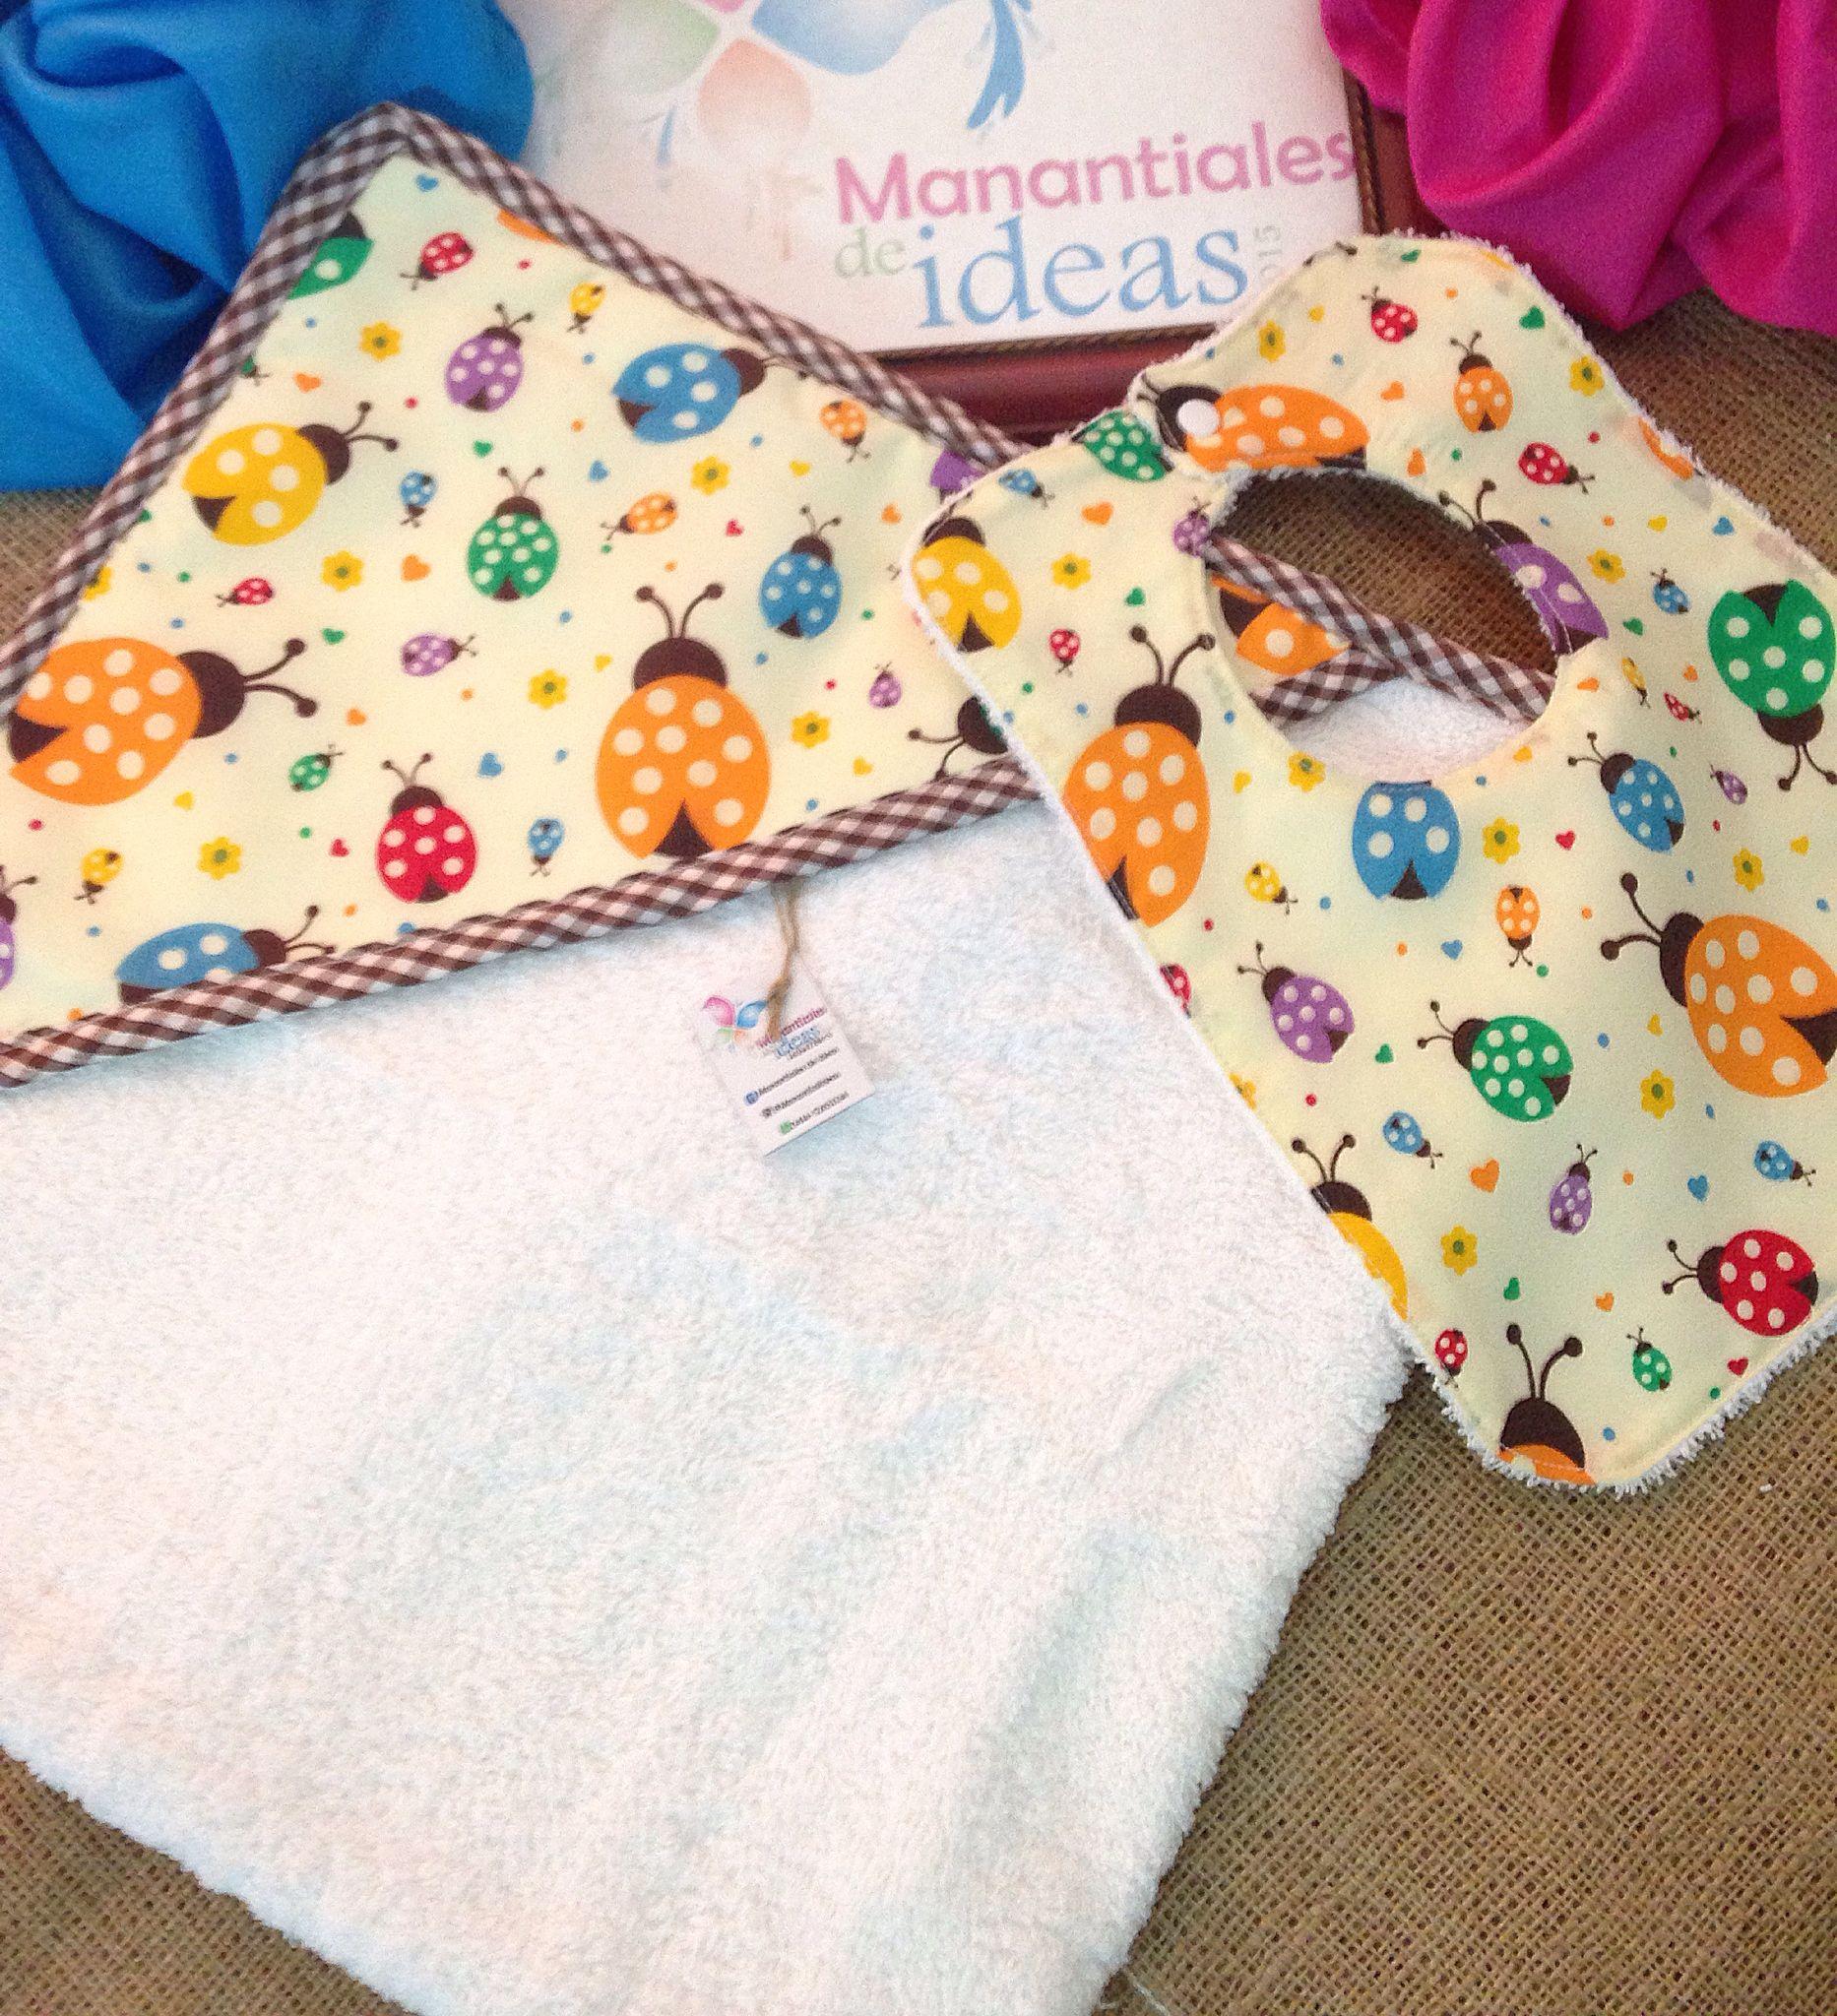 Set de baño. Toalla y babero   Toallas / Towel   Pinterest   Towels